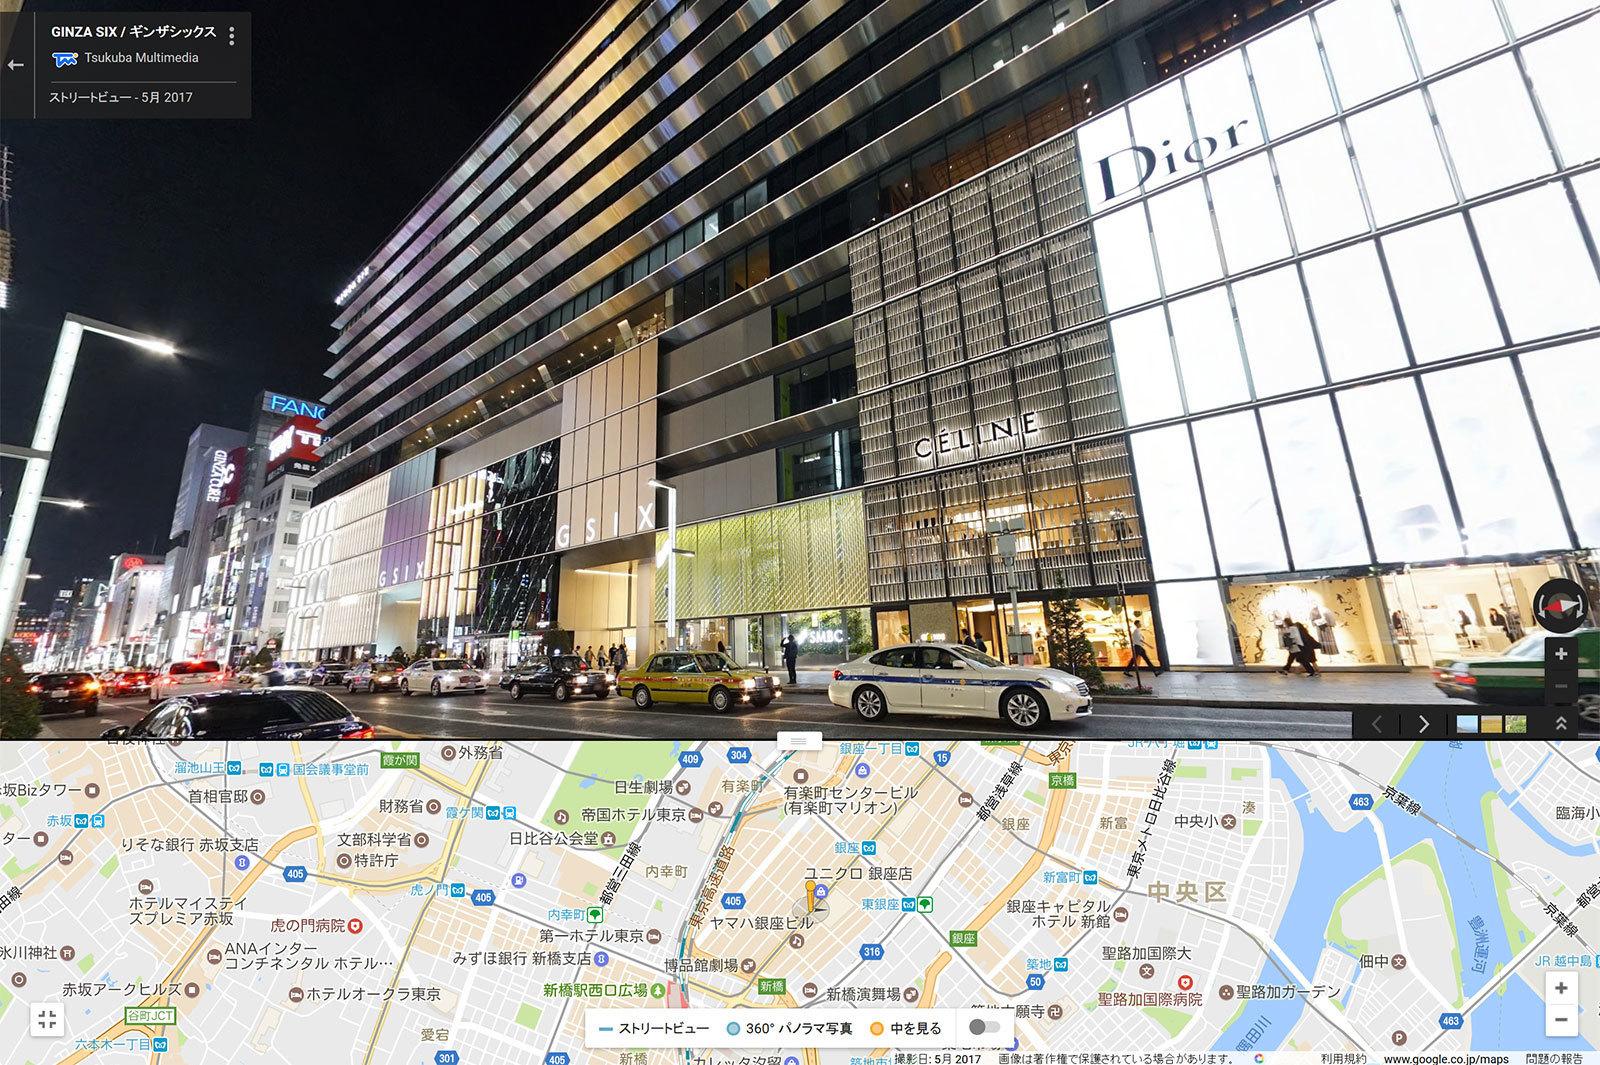 銀座6丁目GINZA SIXのGoogleストリートビュー写真